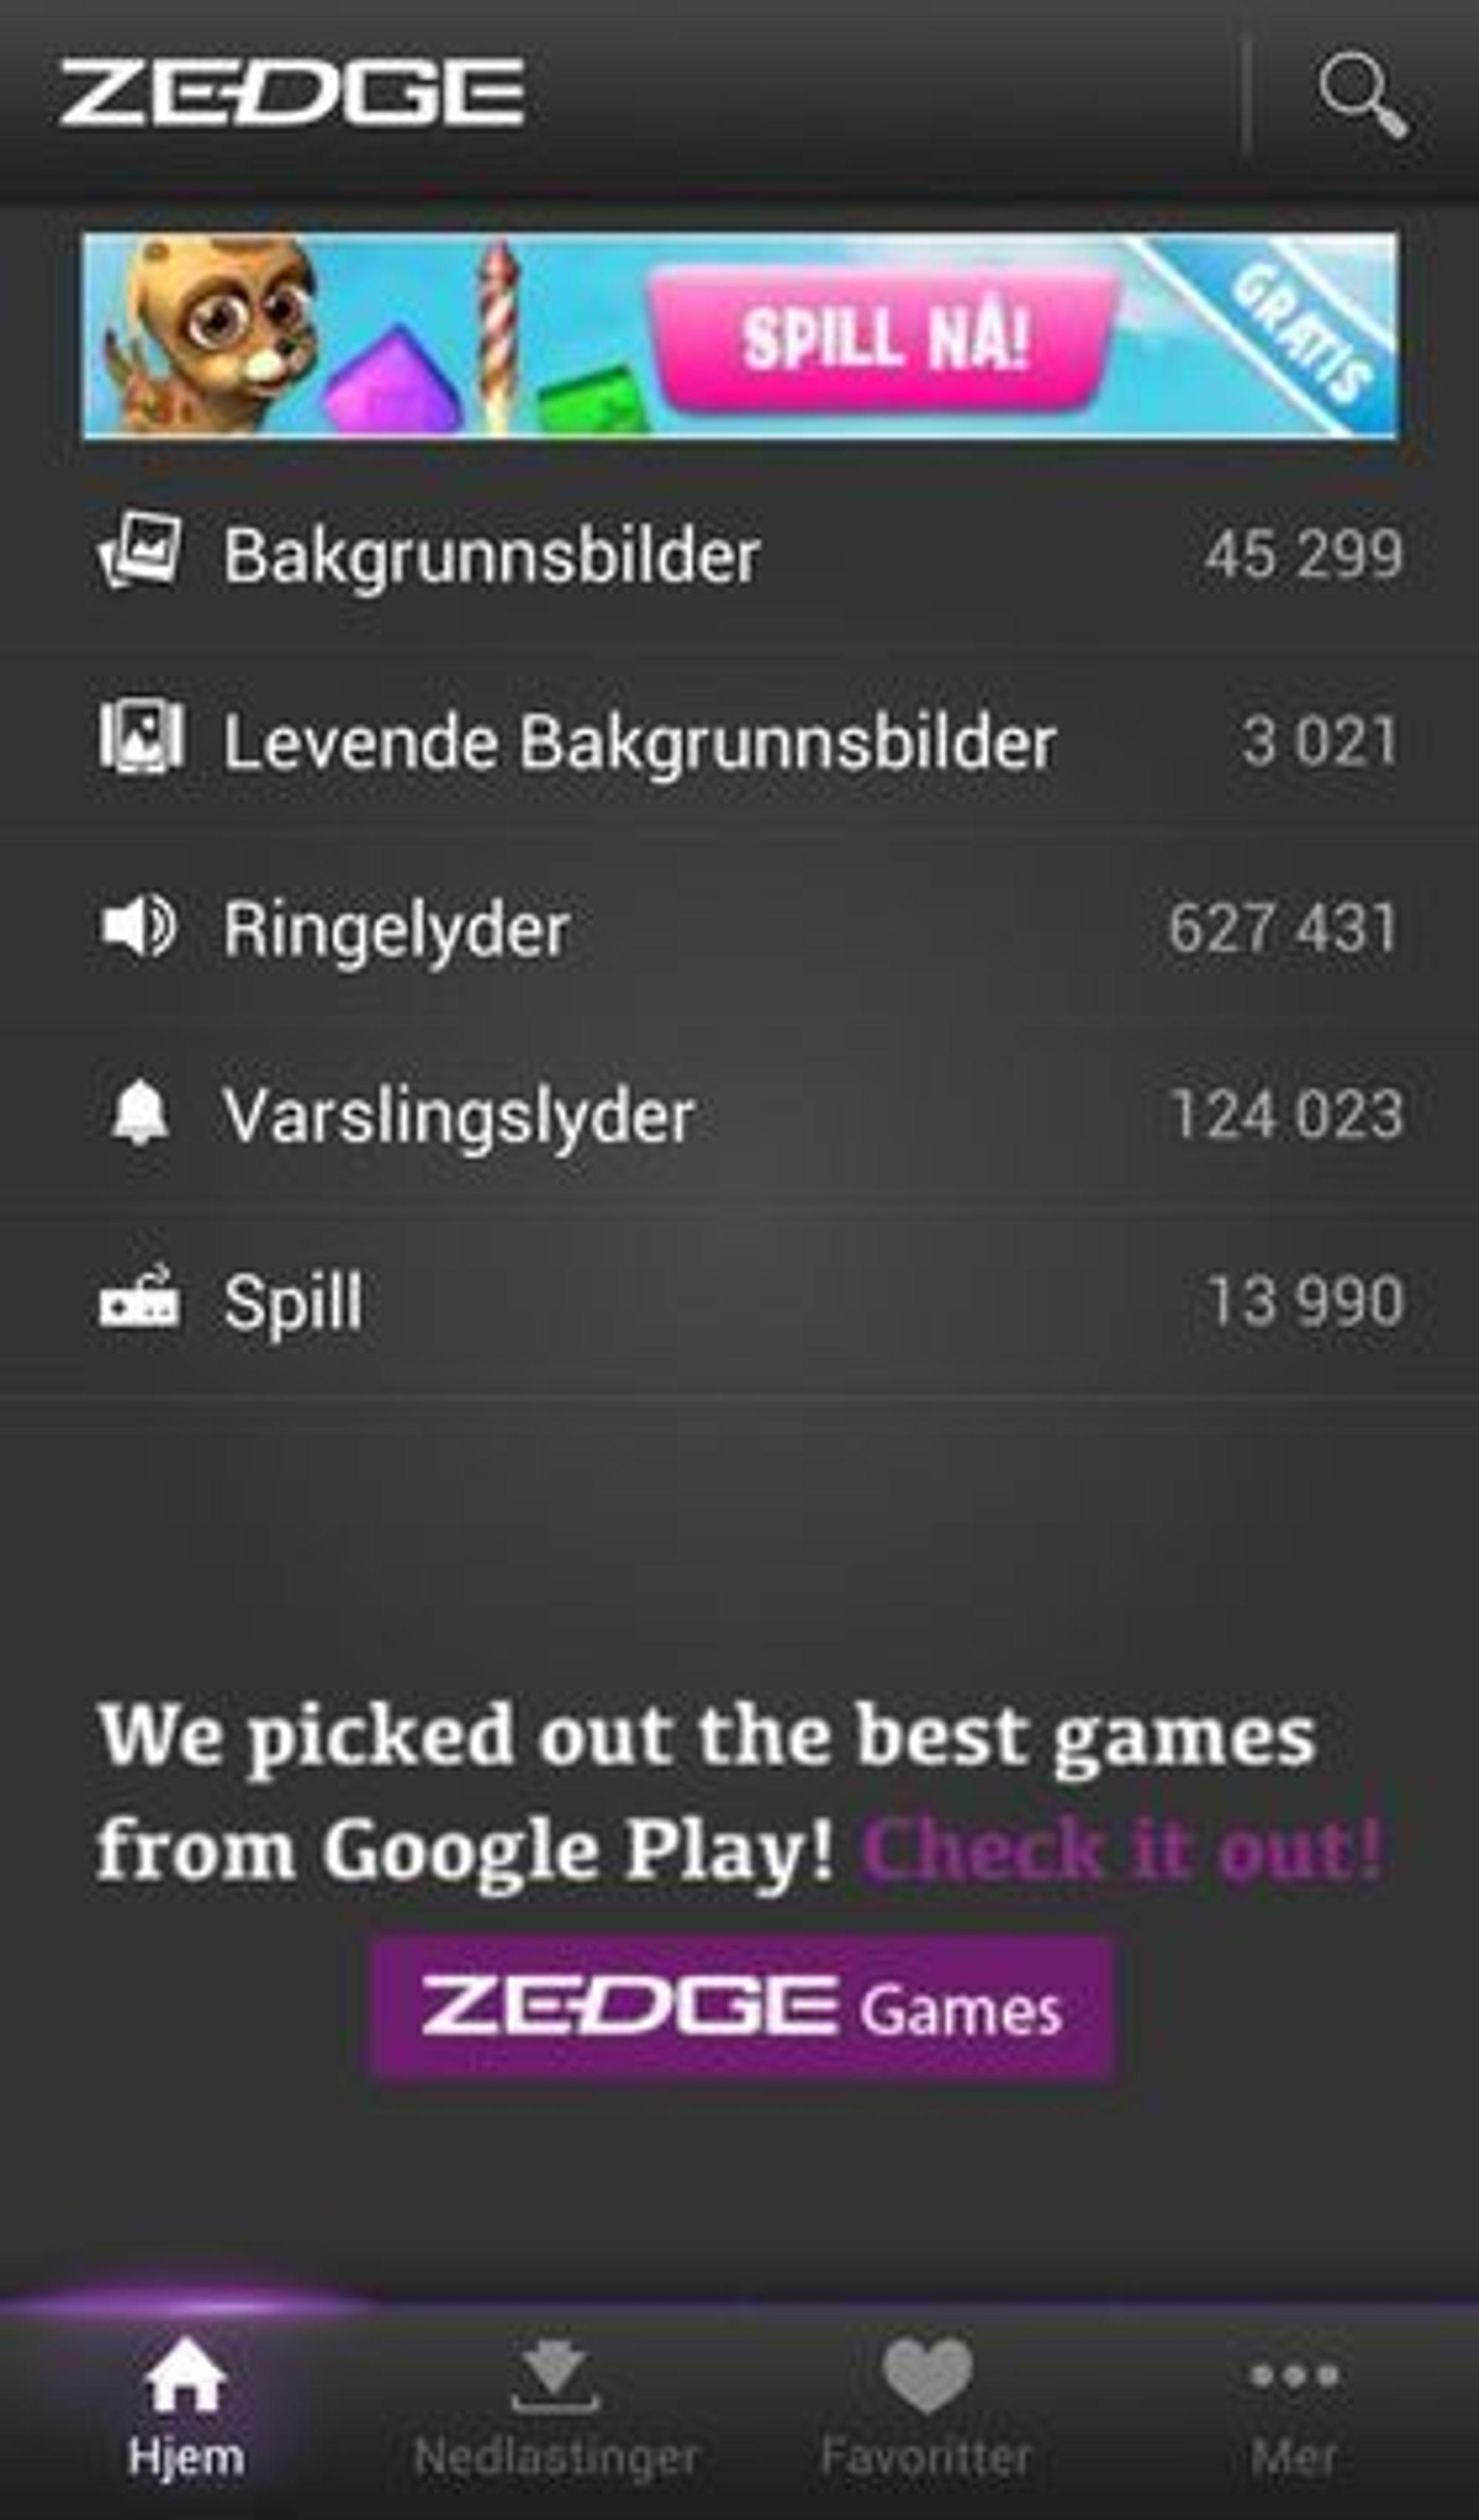 Zedge-applikasjonen, her i Android-utgaven, tilbyr brukerne svært mye gratis innhold.